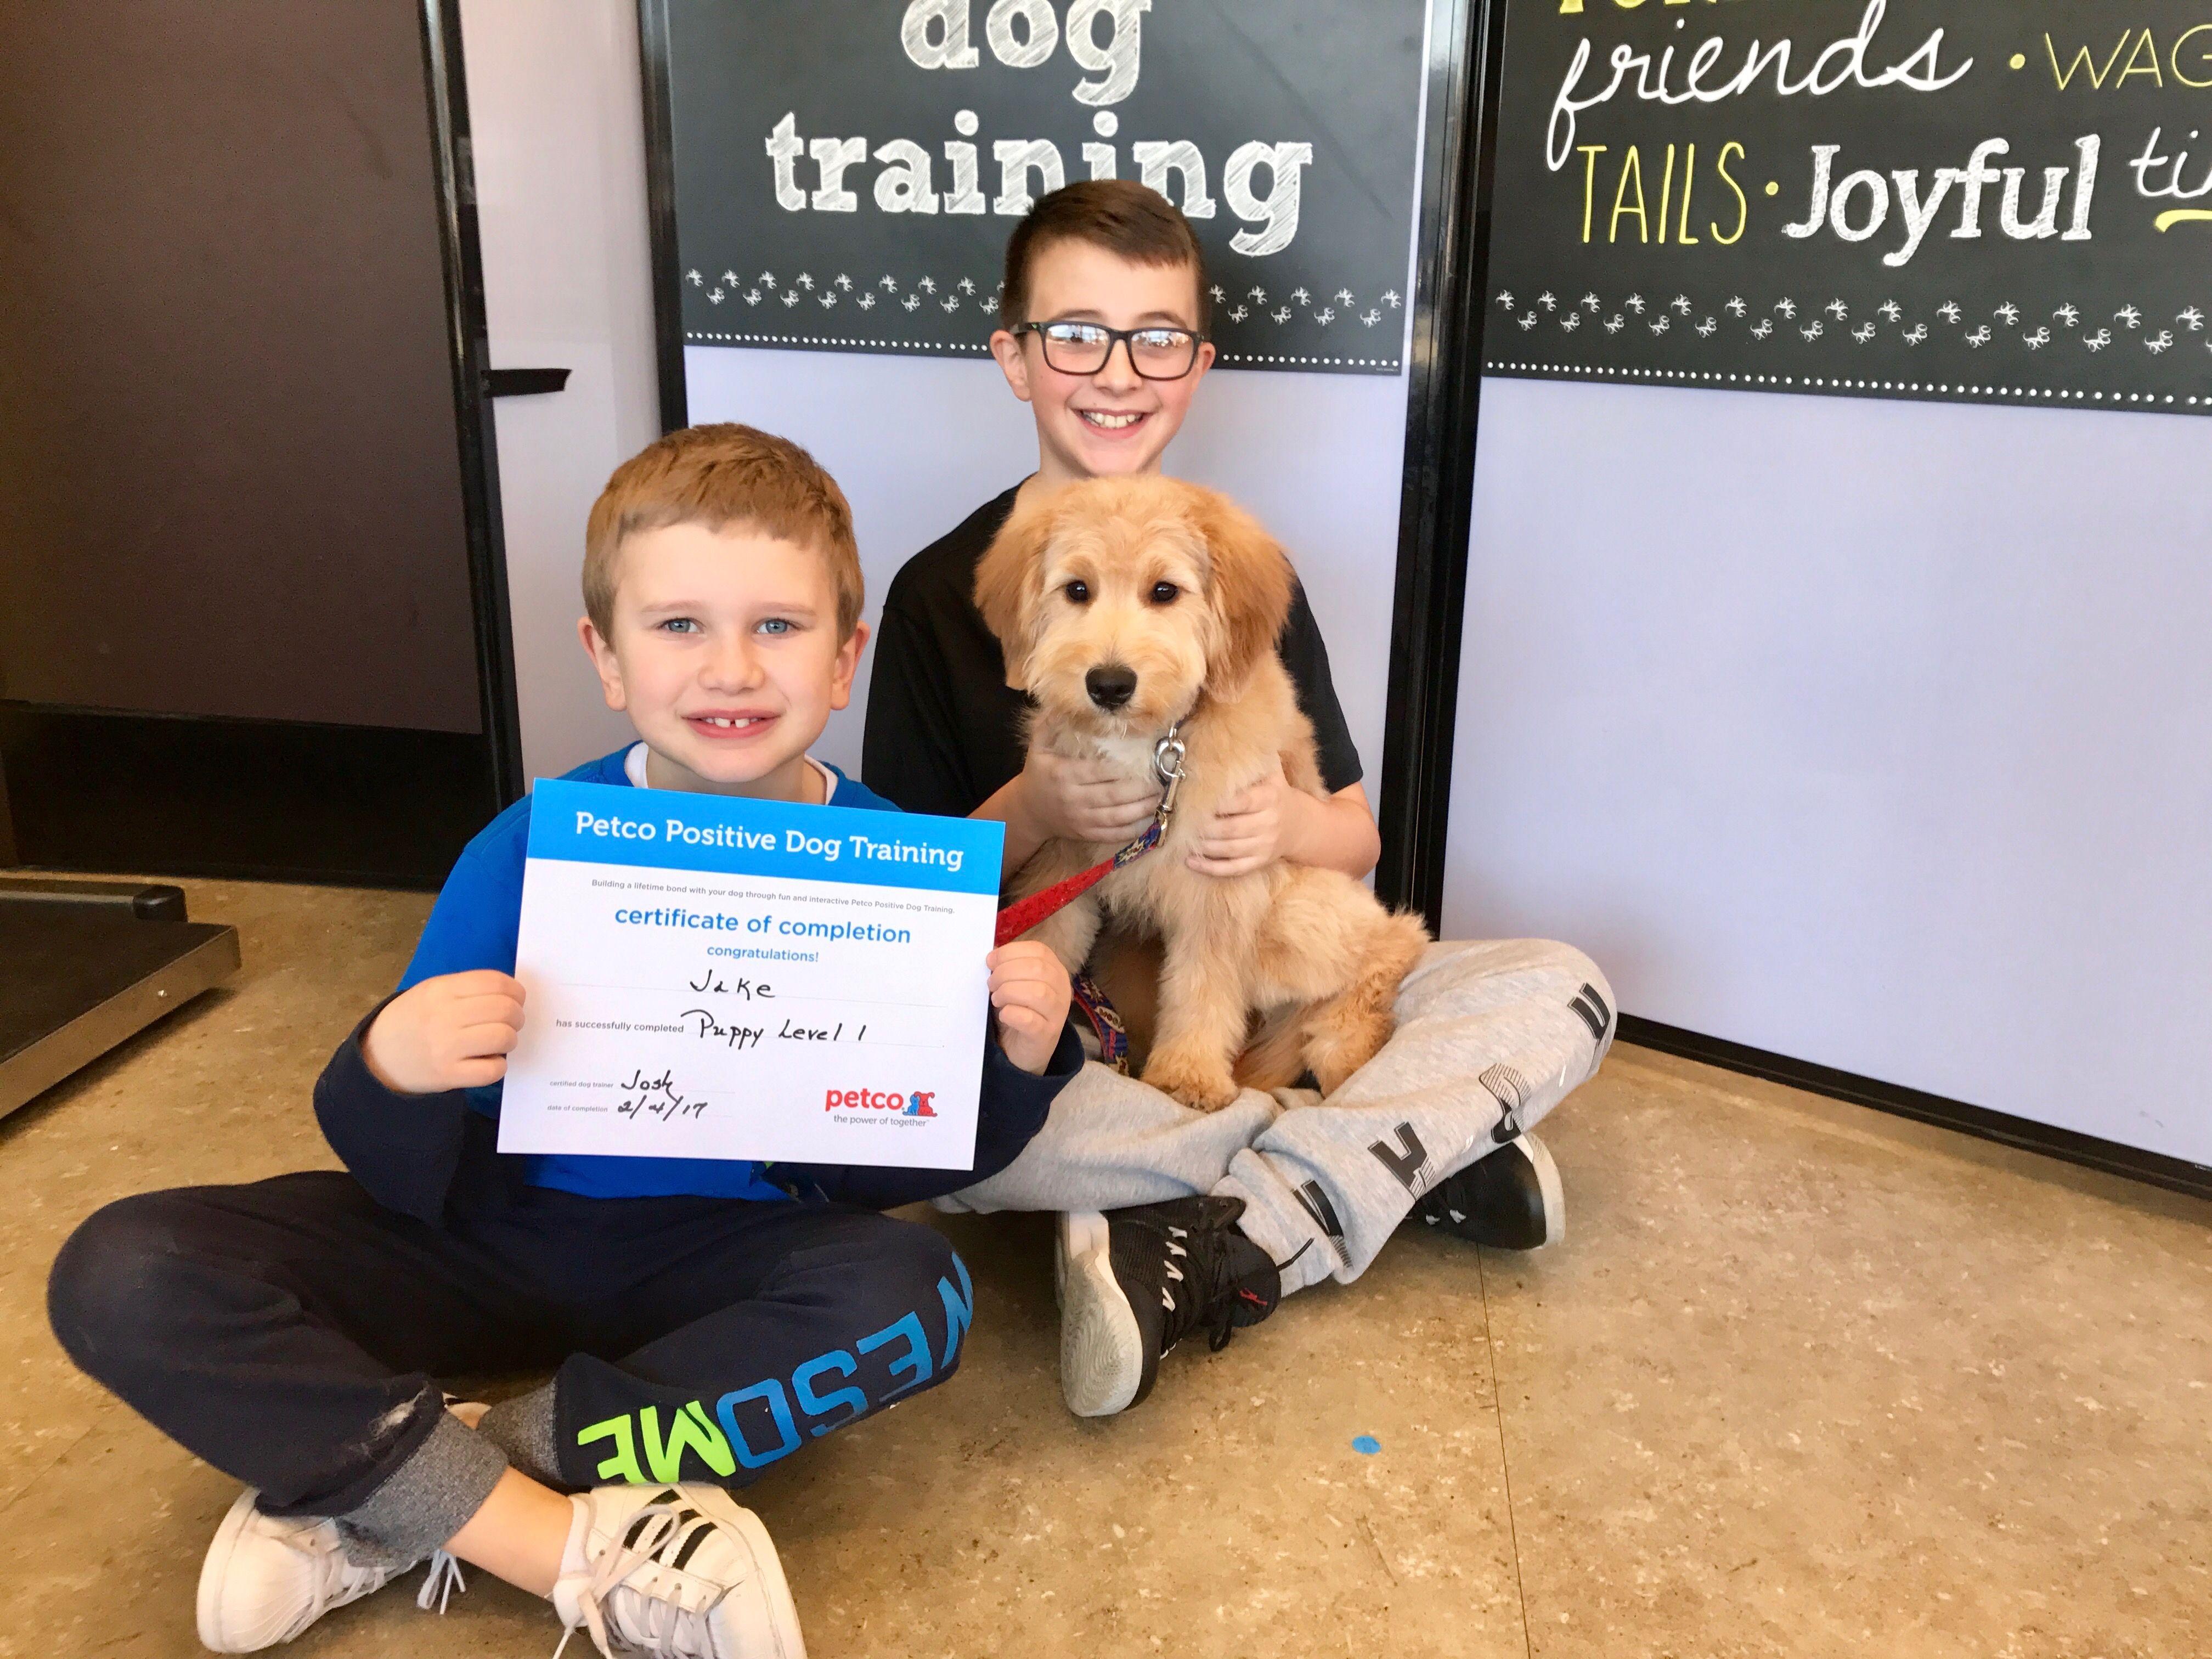 Puppy level 1 dog training graduate @ Petco | Mini